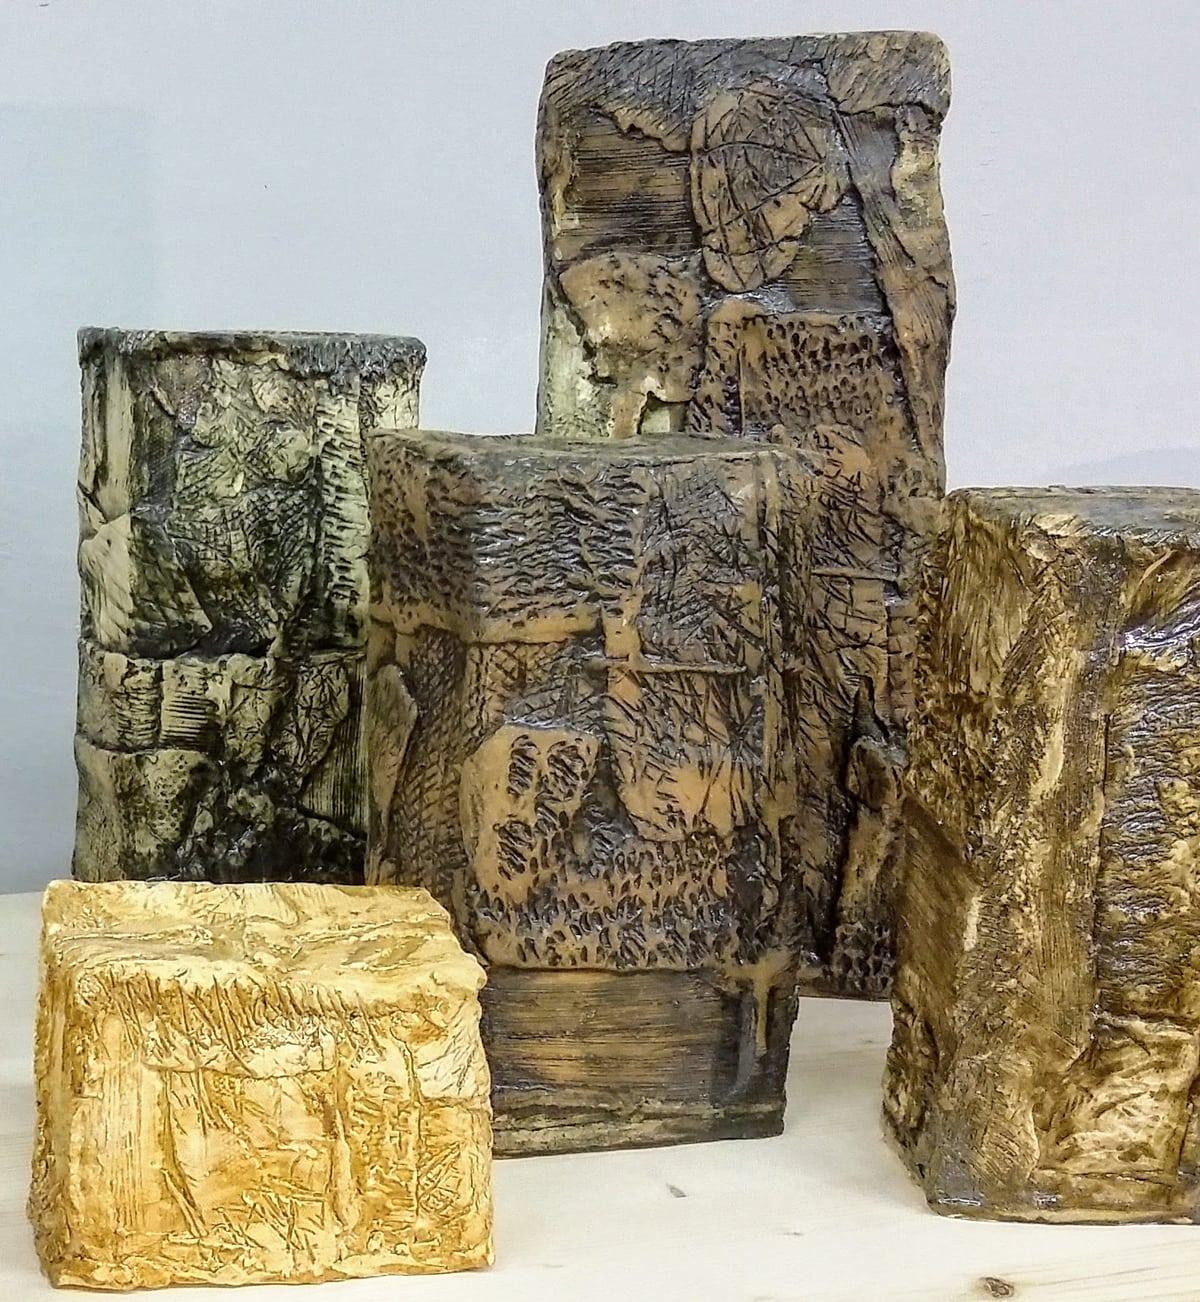 Esposizione di complementi d'arredo in ceramica dalle forme geometriche di varie dimensioni